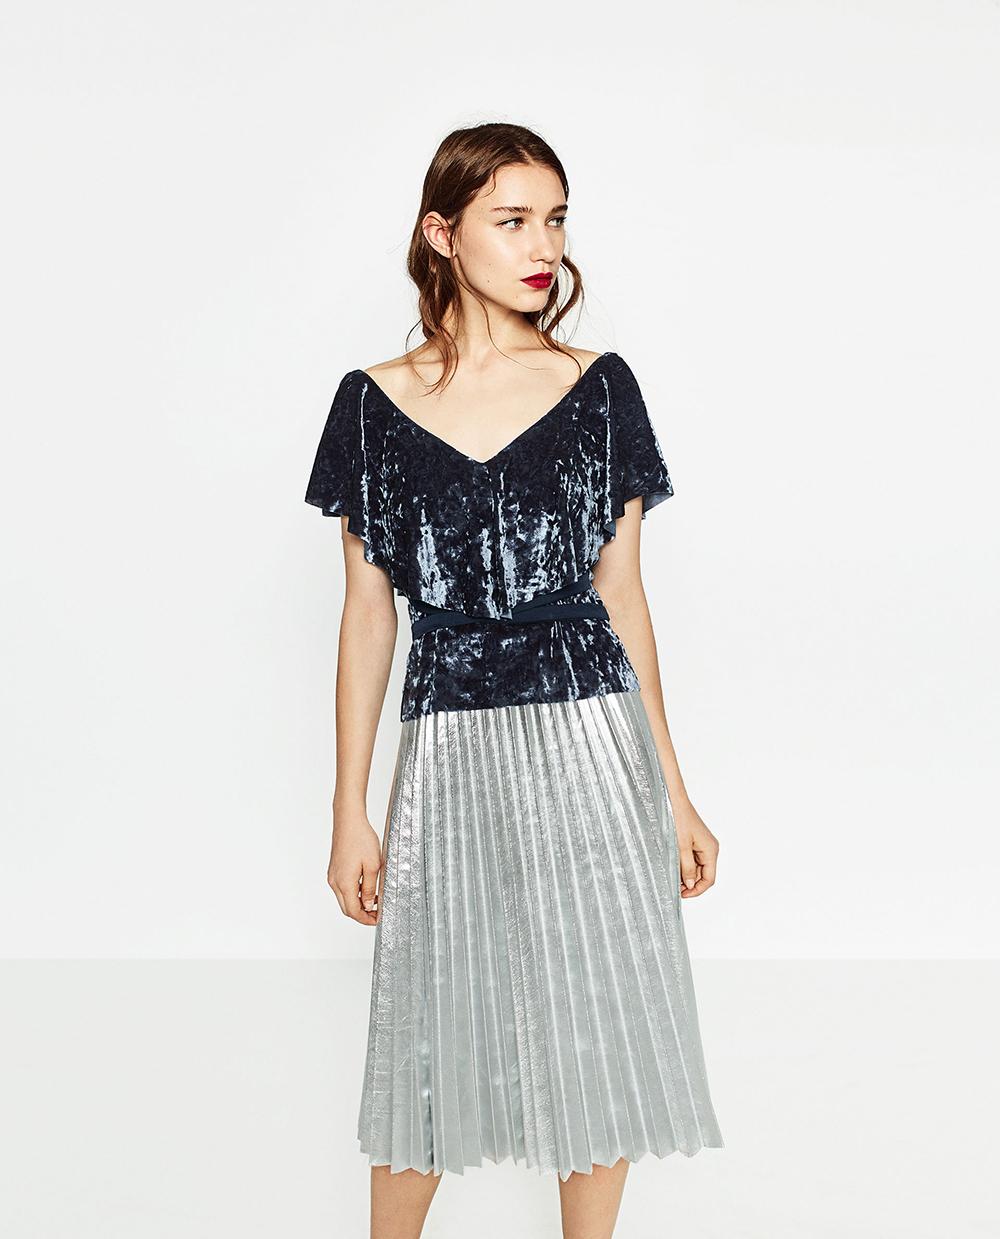 Zara Frilled Velvet Top - 8 Perfect Velvet Pieces for Fall